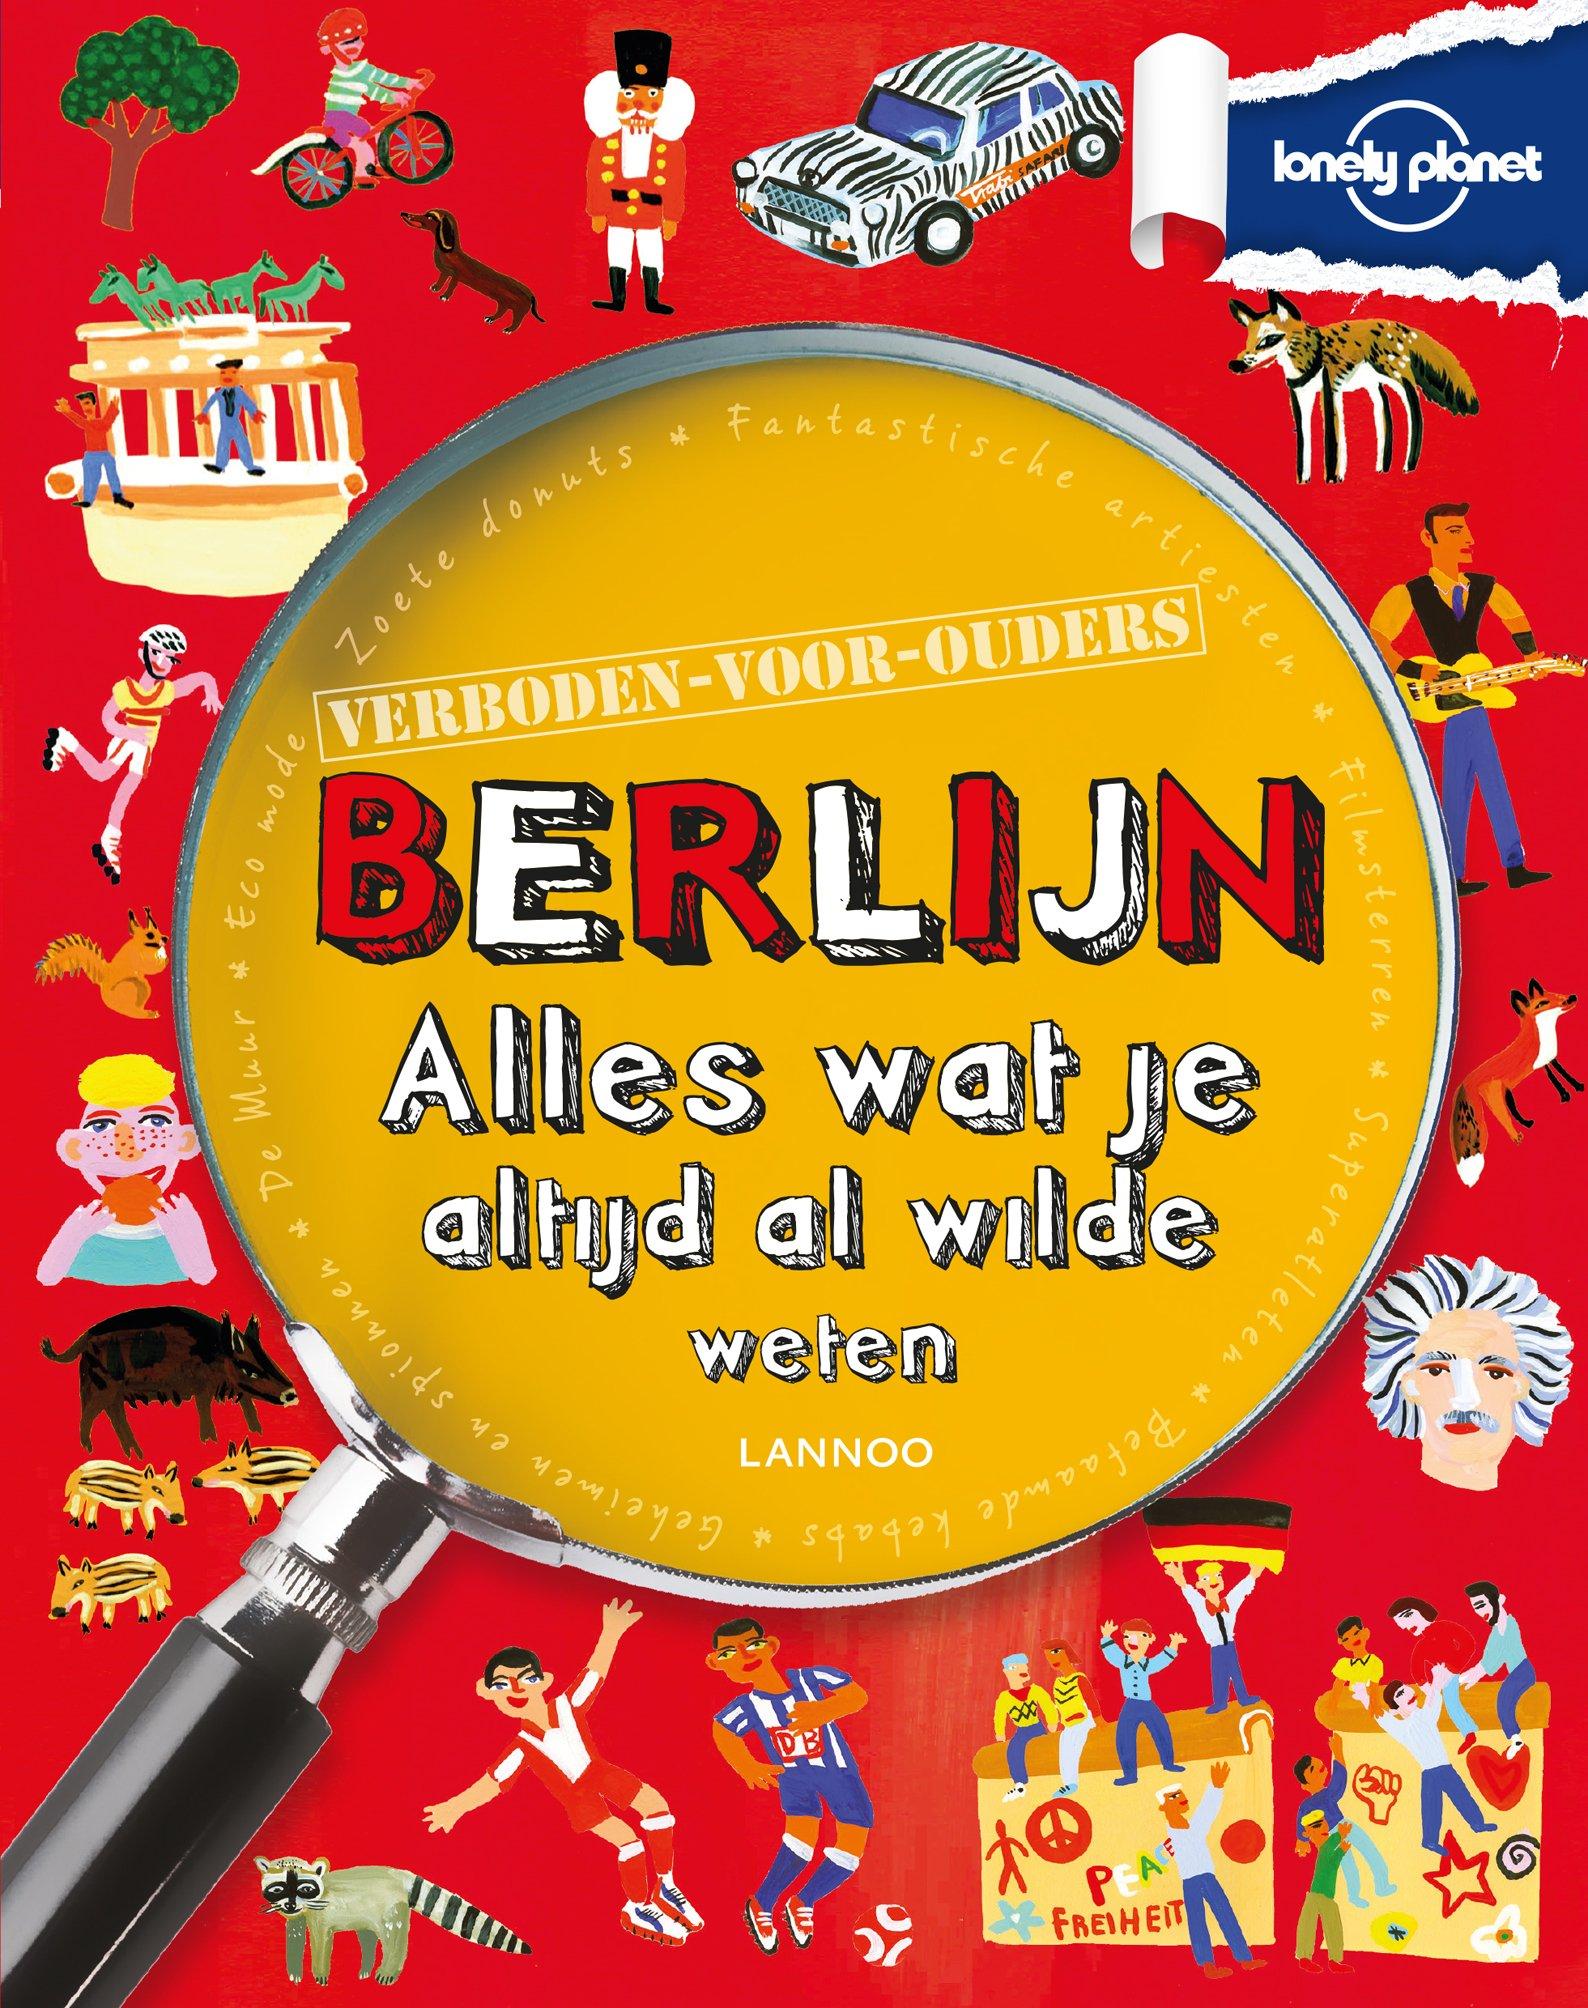 Berlijn | alles wat je altijd al wilde weten 9789401418591  Lannoo Lonely Planet  Kinderboeken, Reisgidsen Berlijn